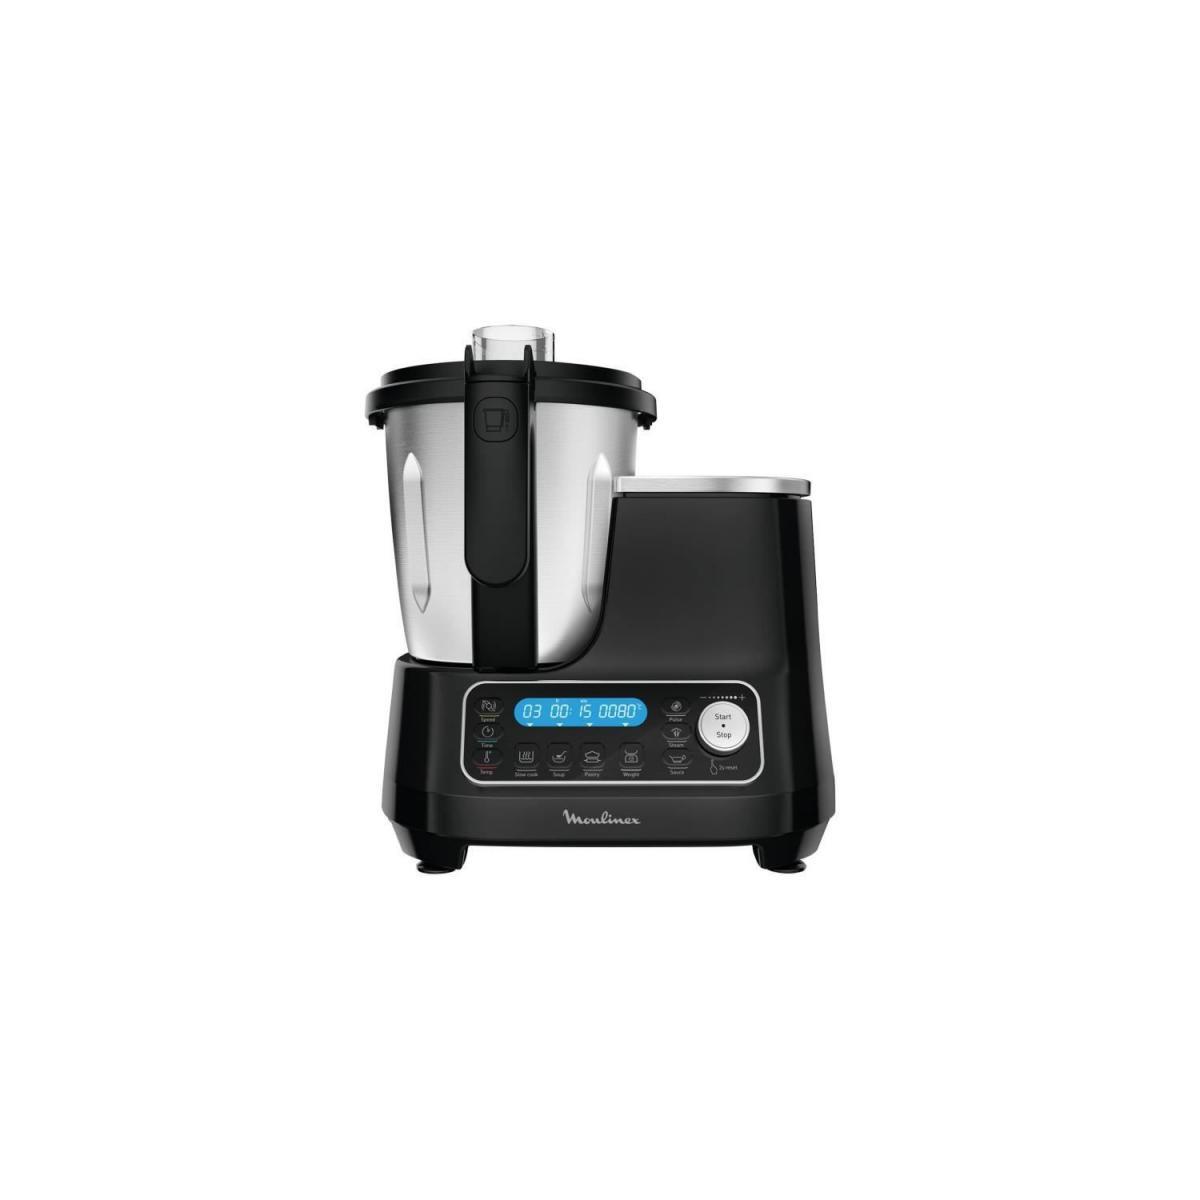 Moulinex MOULINEX HF456810 Clickchef Robot Cuiseur Multifonction 5 Programmes Automatiques Robot Cuisine Compact 25 fonctions Bal